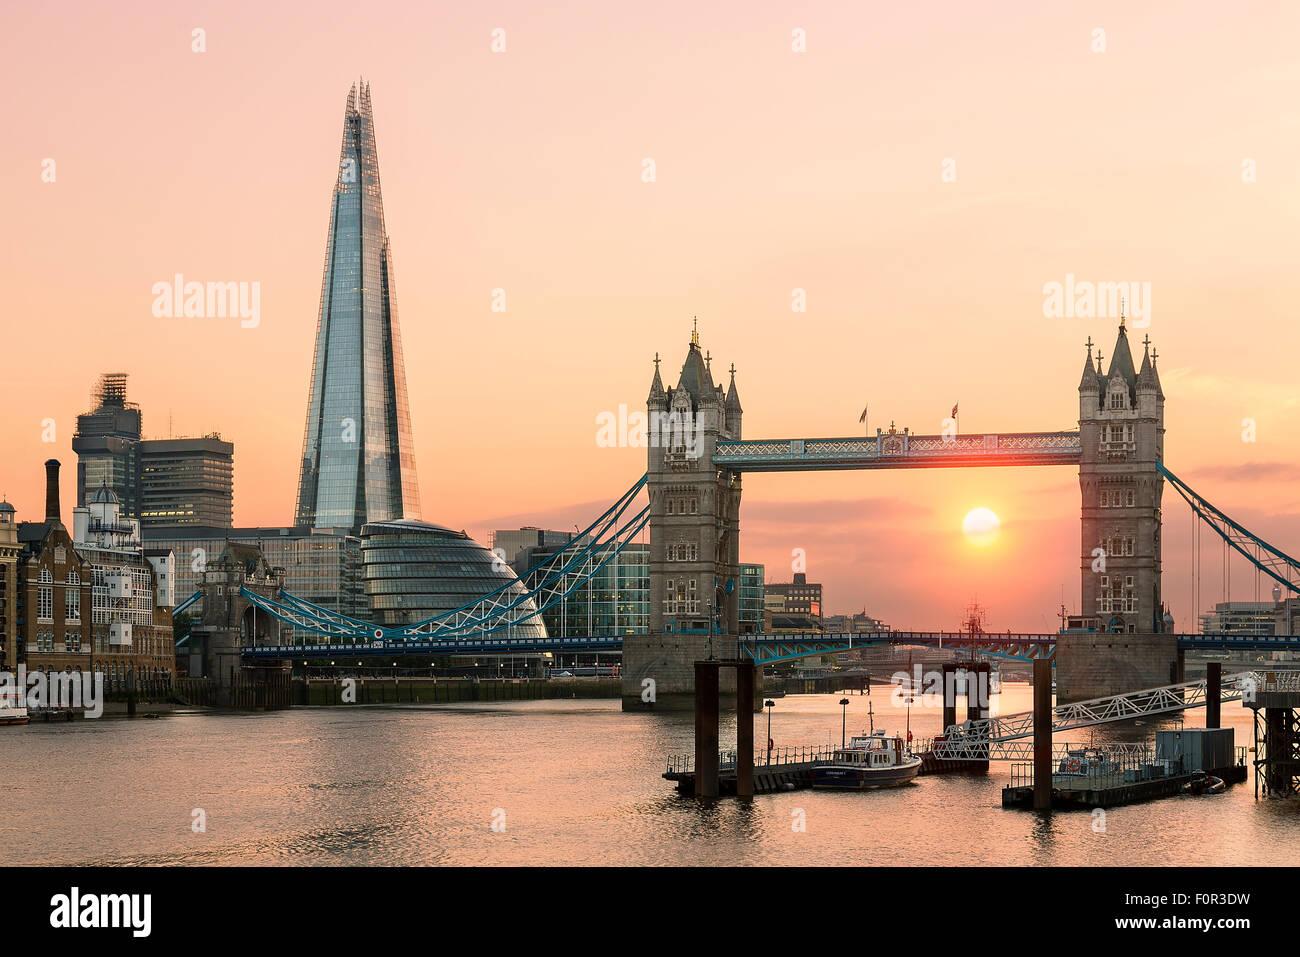 Londres, Tower Bridge et le Shard London Bridge au coucher du soleil Photo Stock